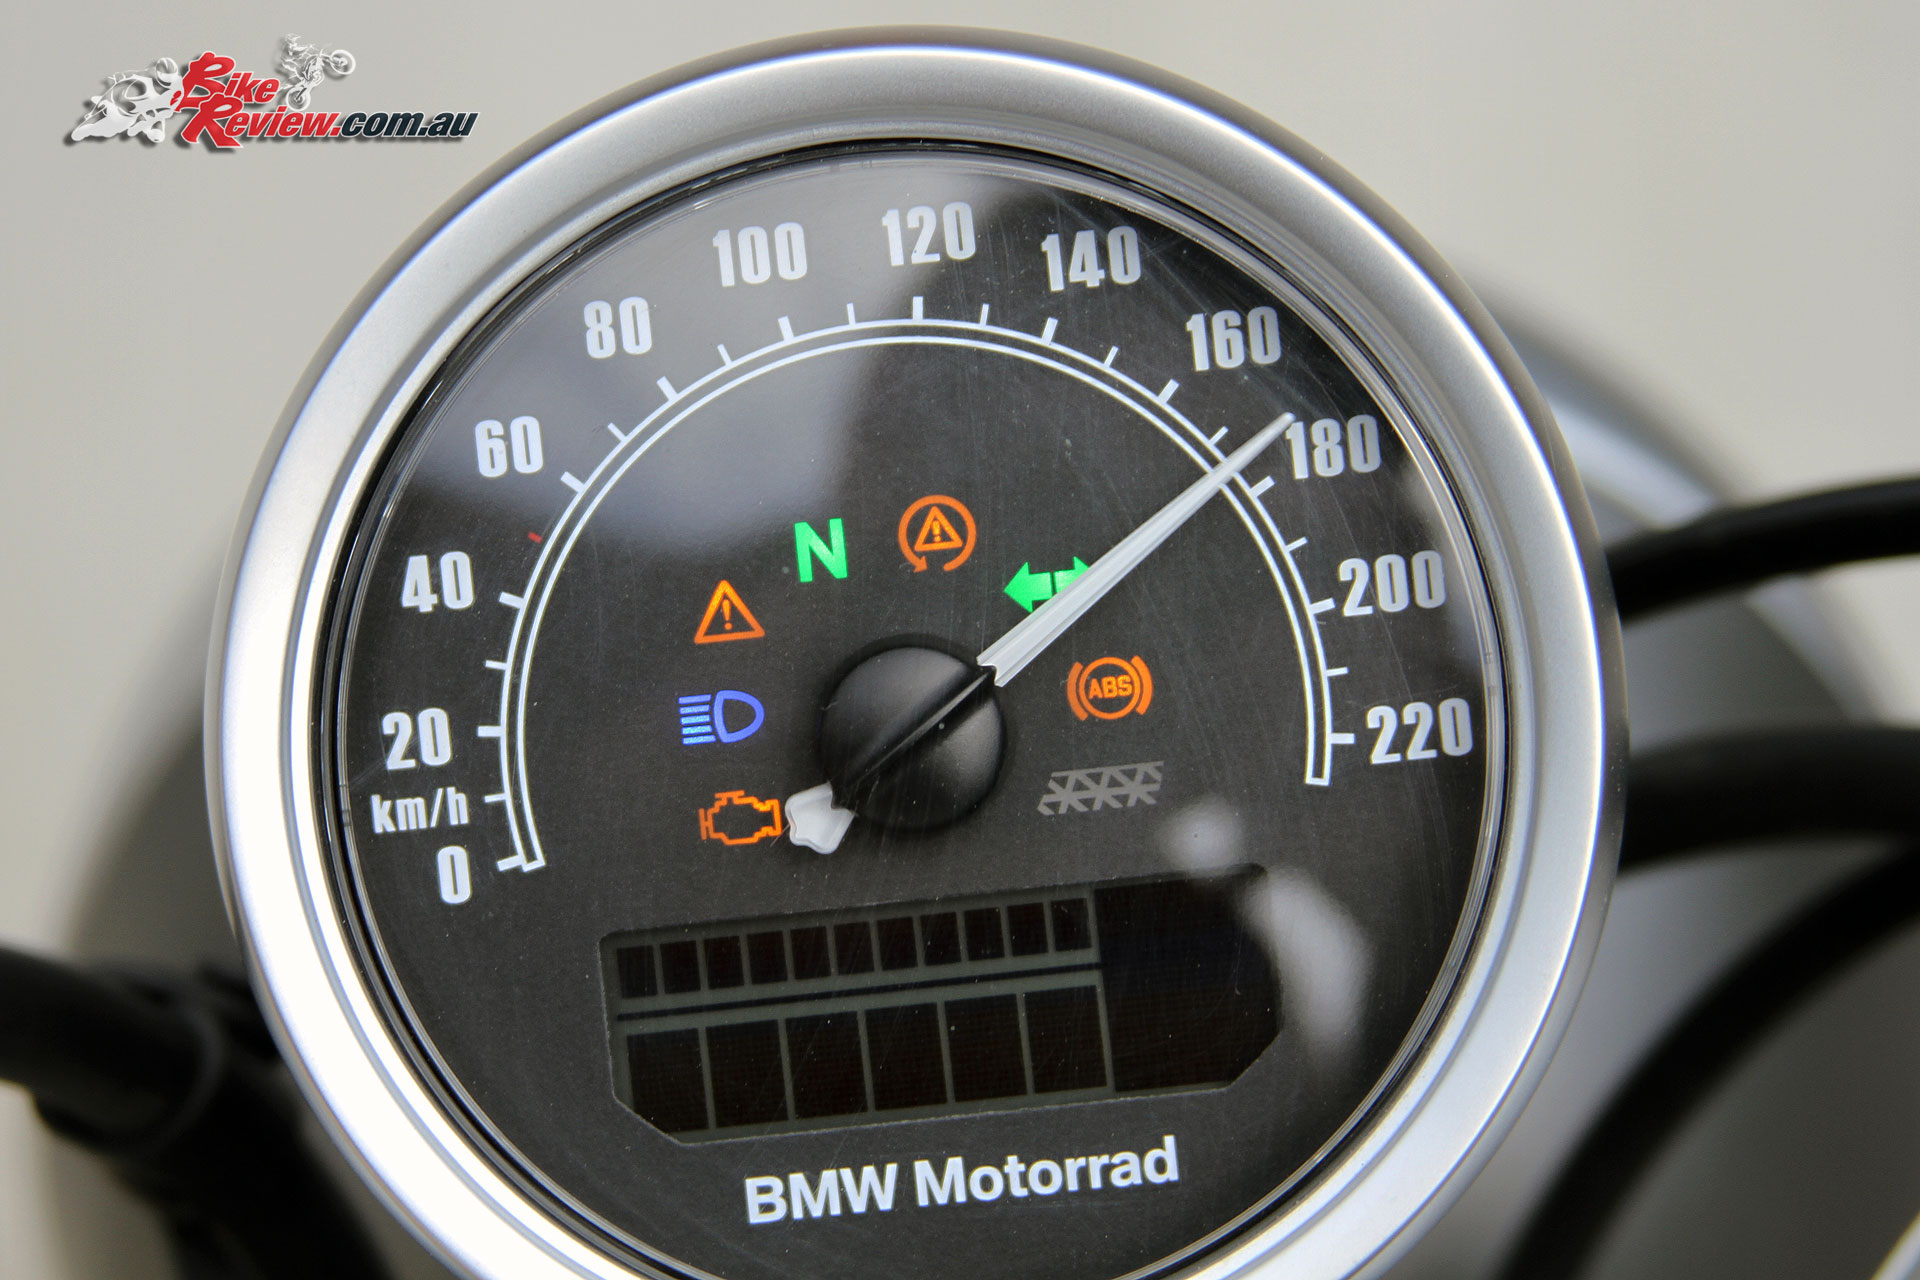 Review: 2017 BMW R nineT Scrambler - Bike Review